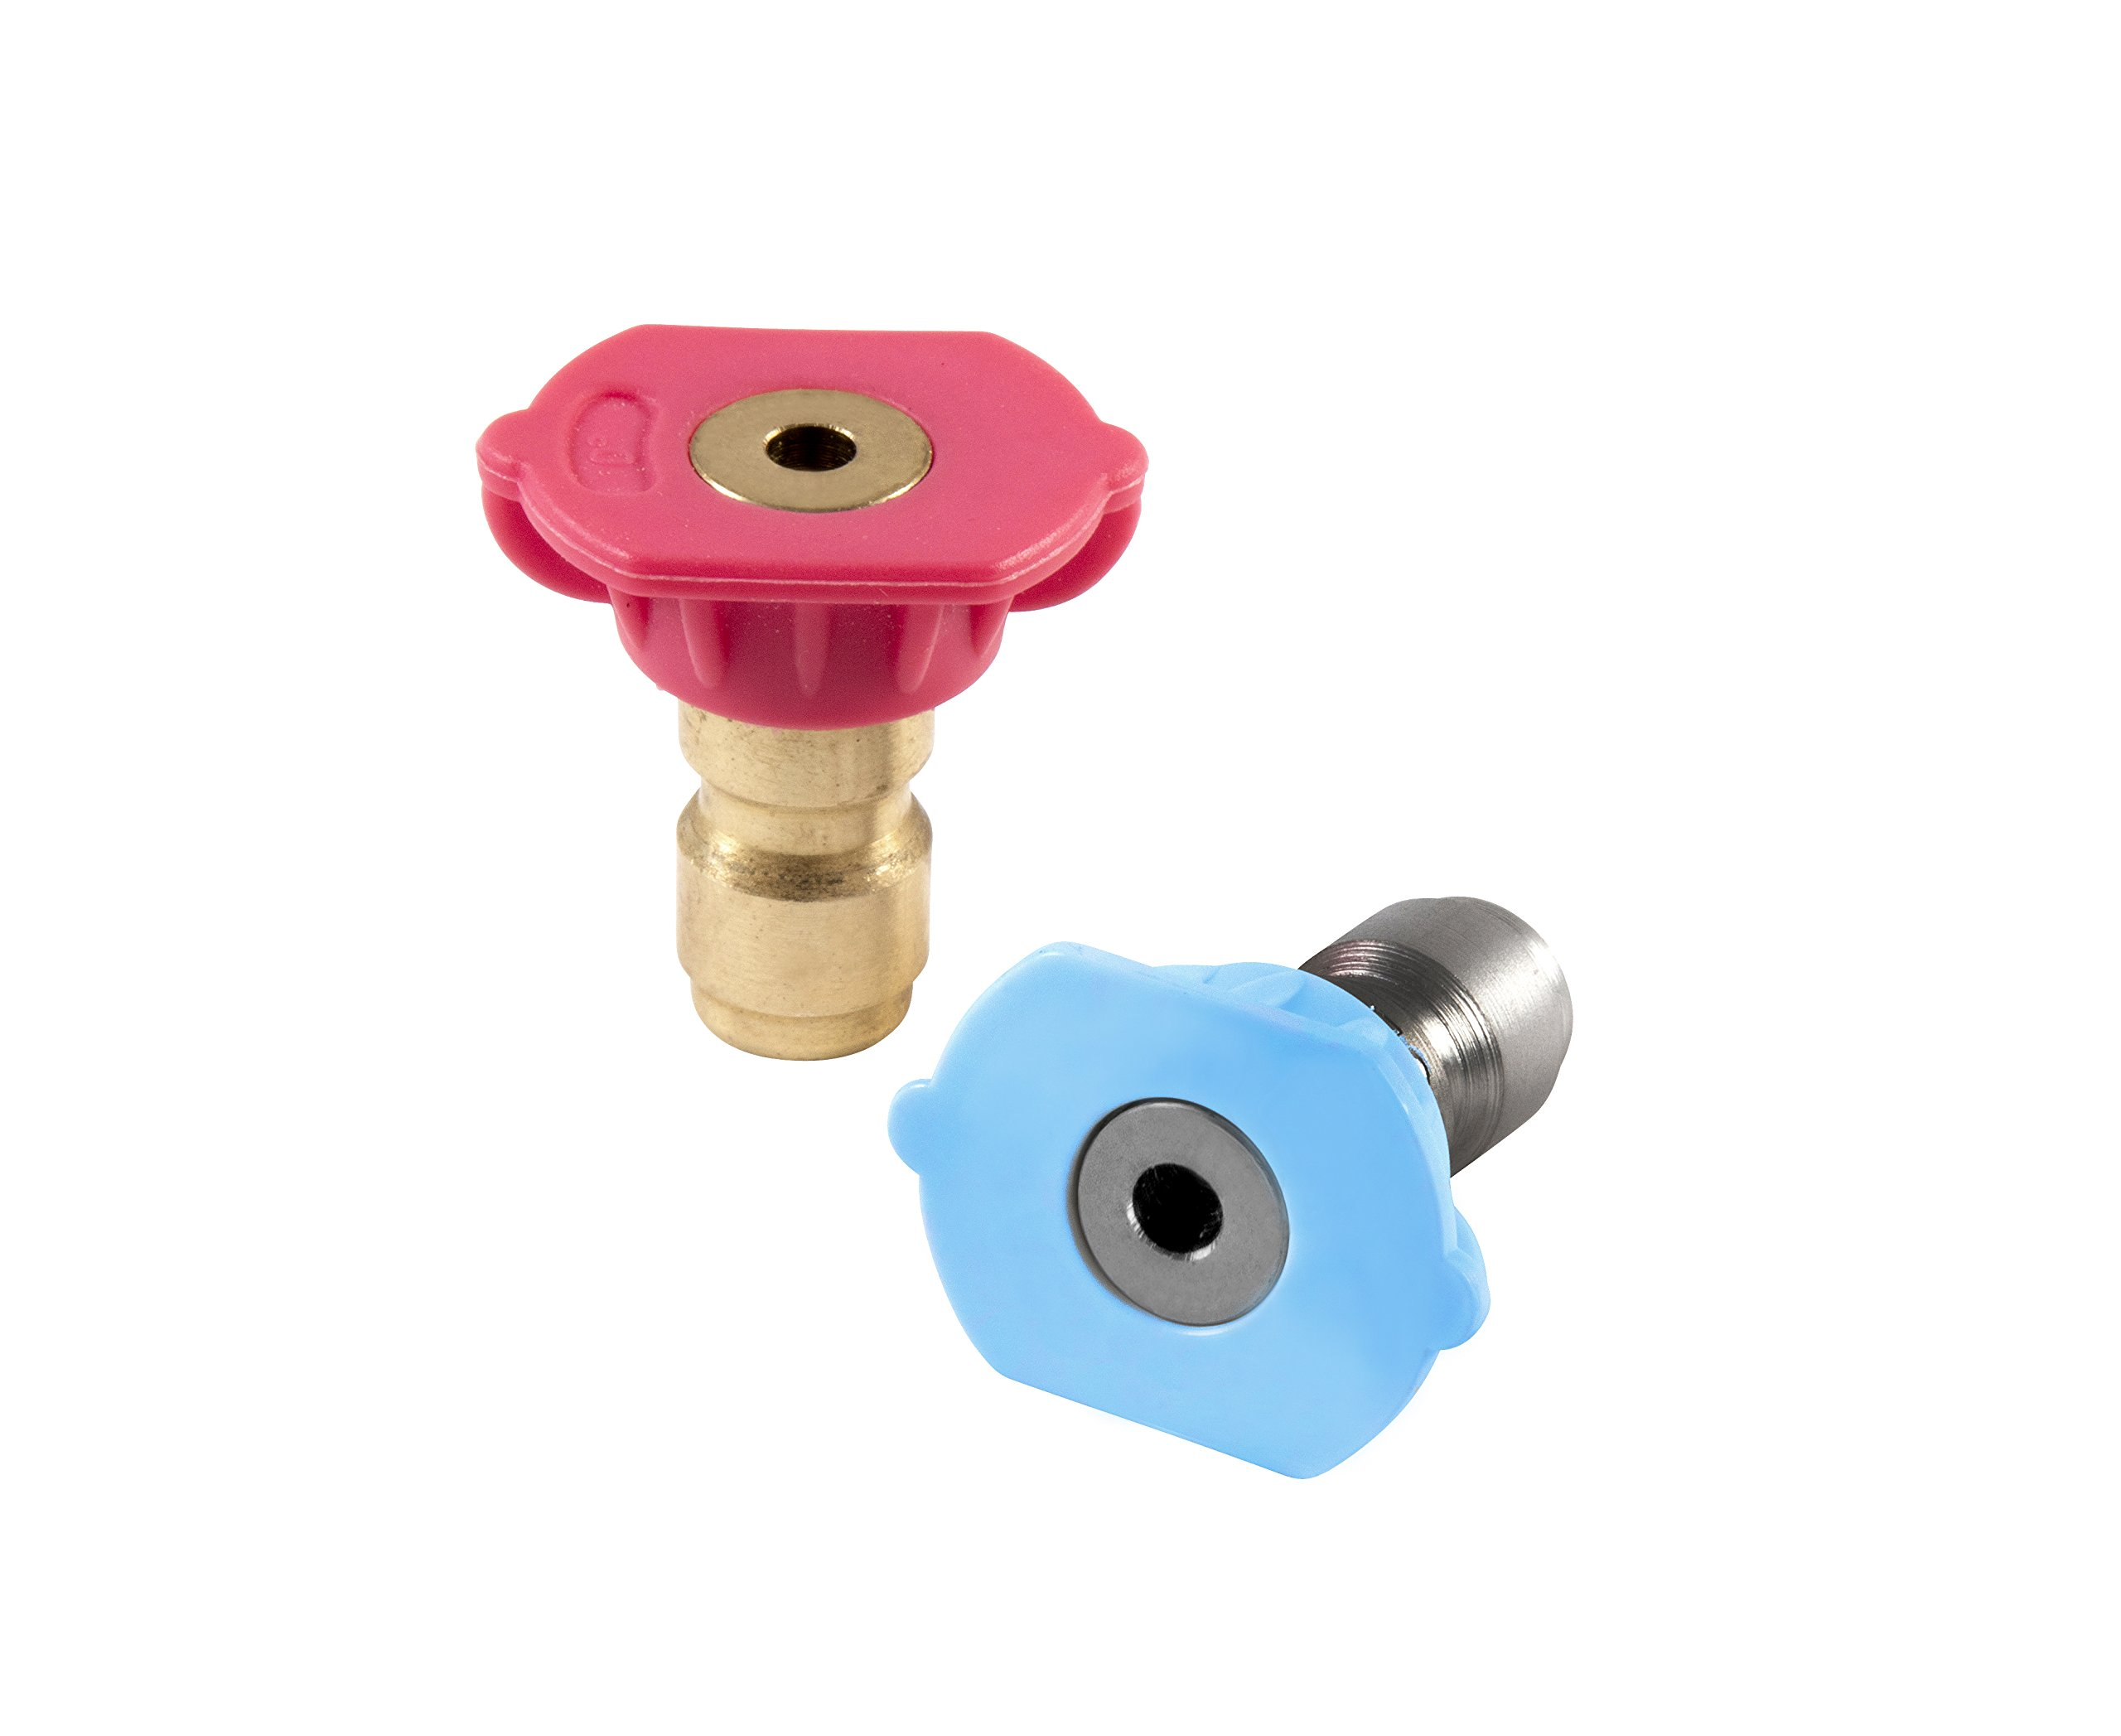 Karcher 8.641-032.0 Quick Connect Nozzle by Karcher